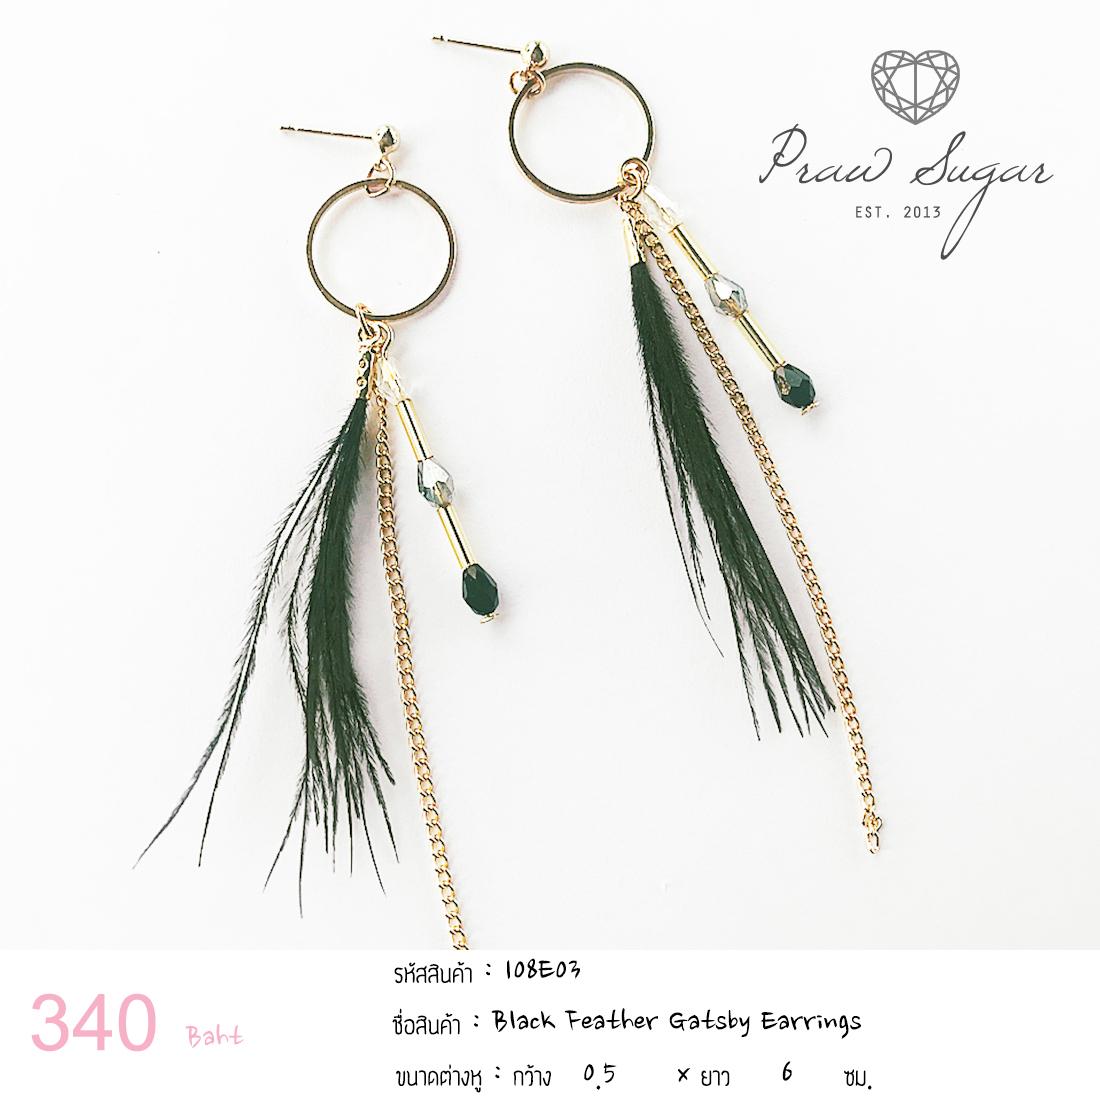 Black Grey Feather Gatsby Earrings